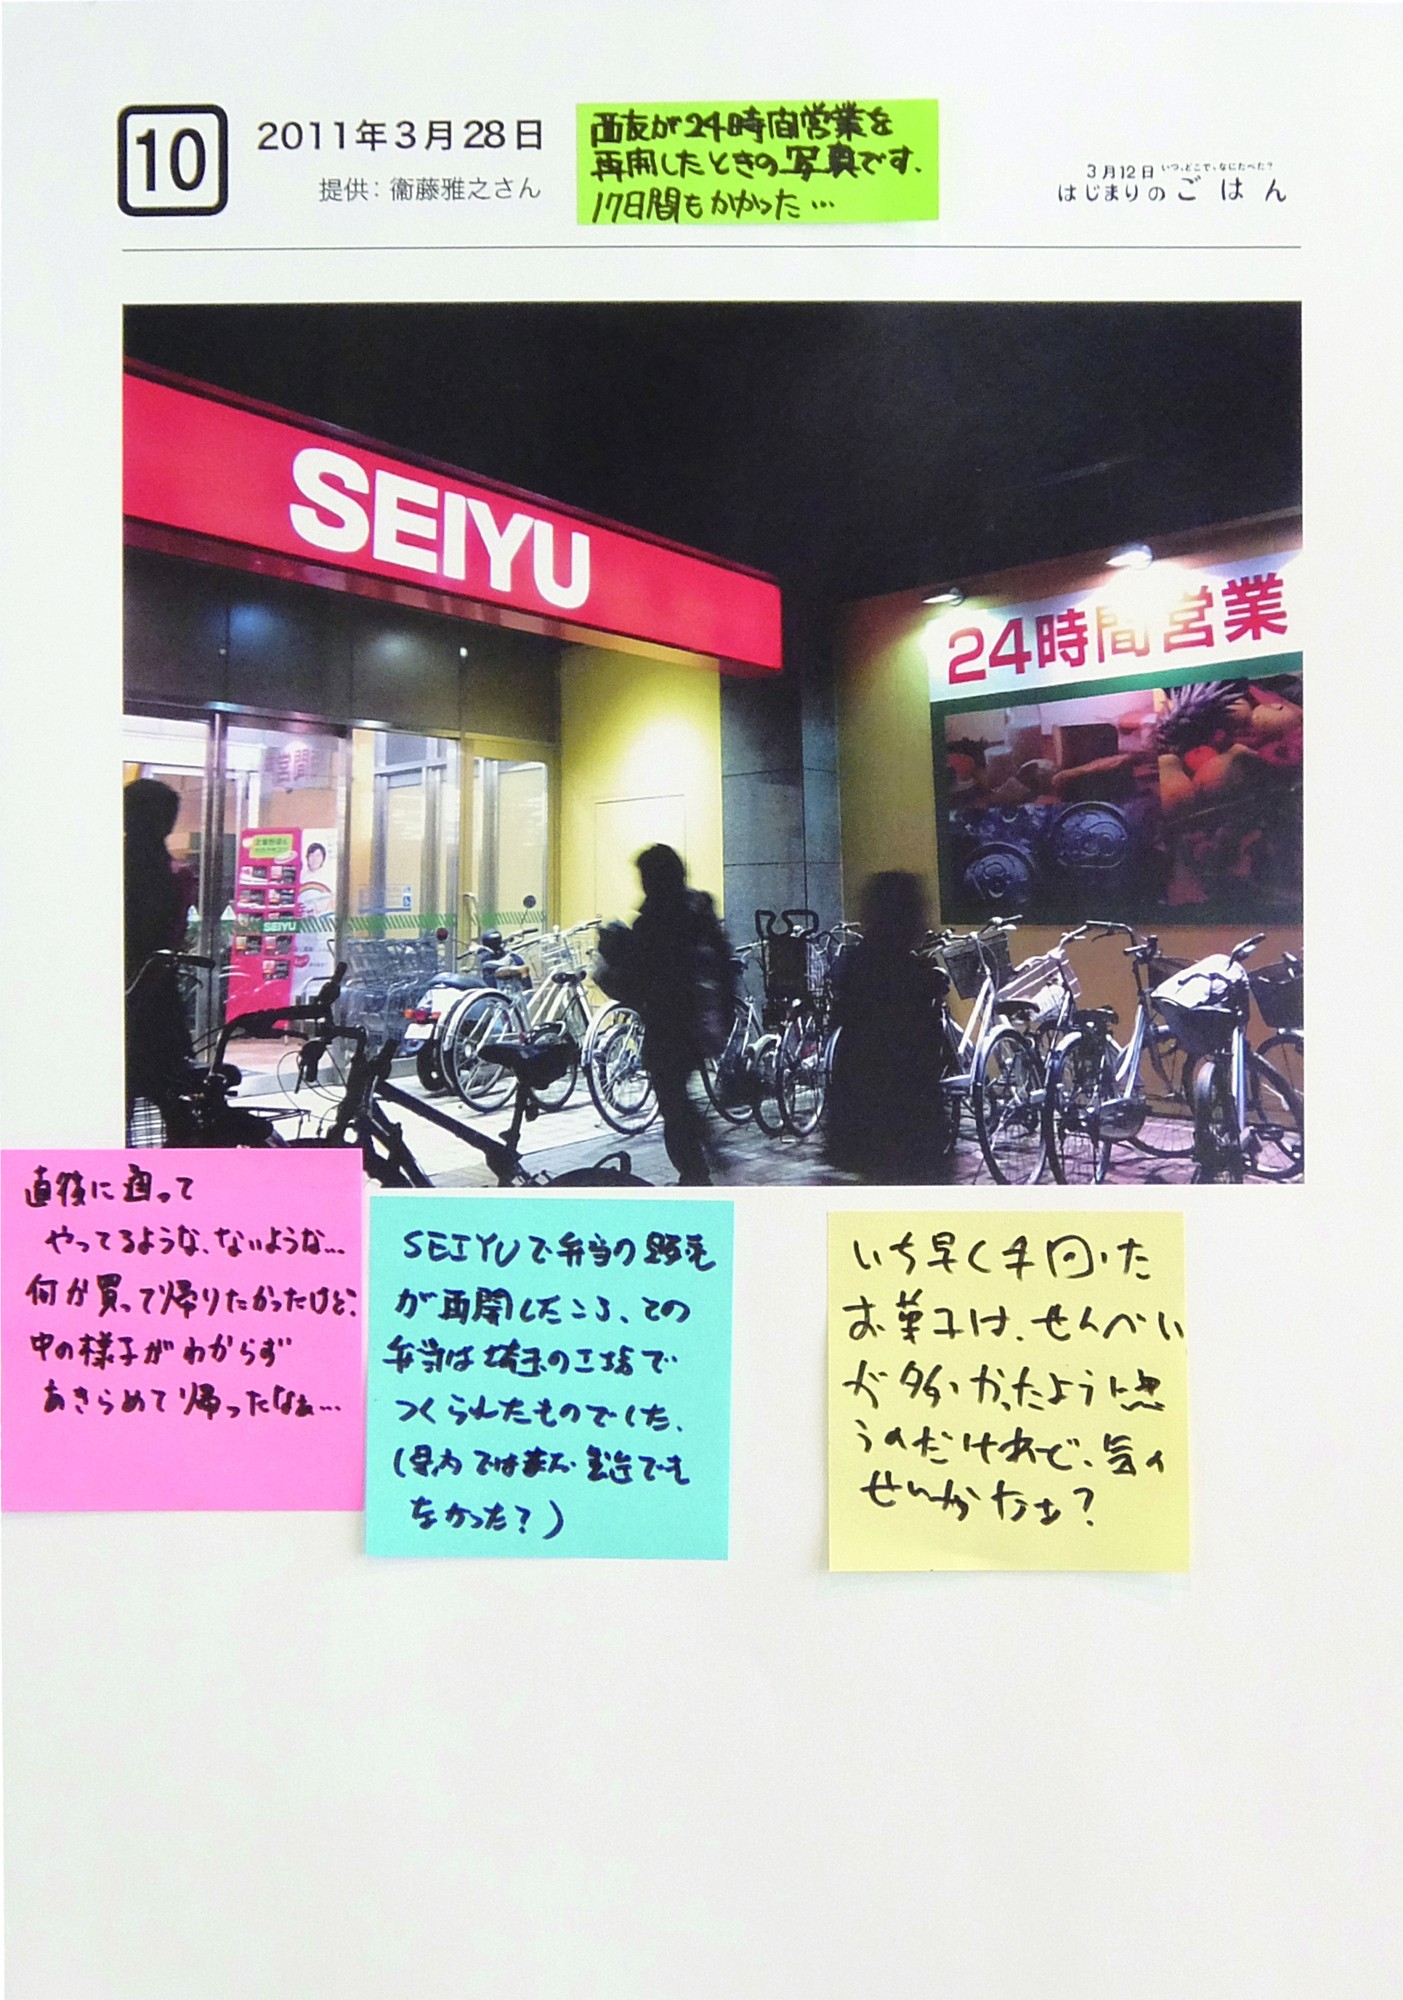 3月12日はじまりのごはん/コンビニ・スーパー 10...